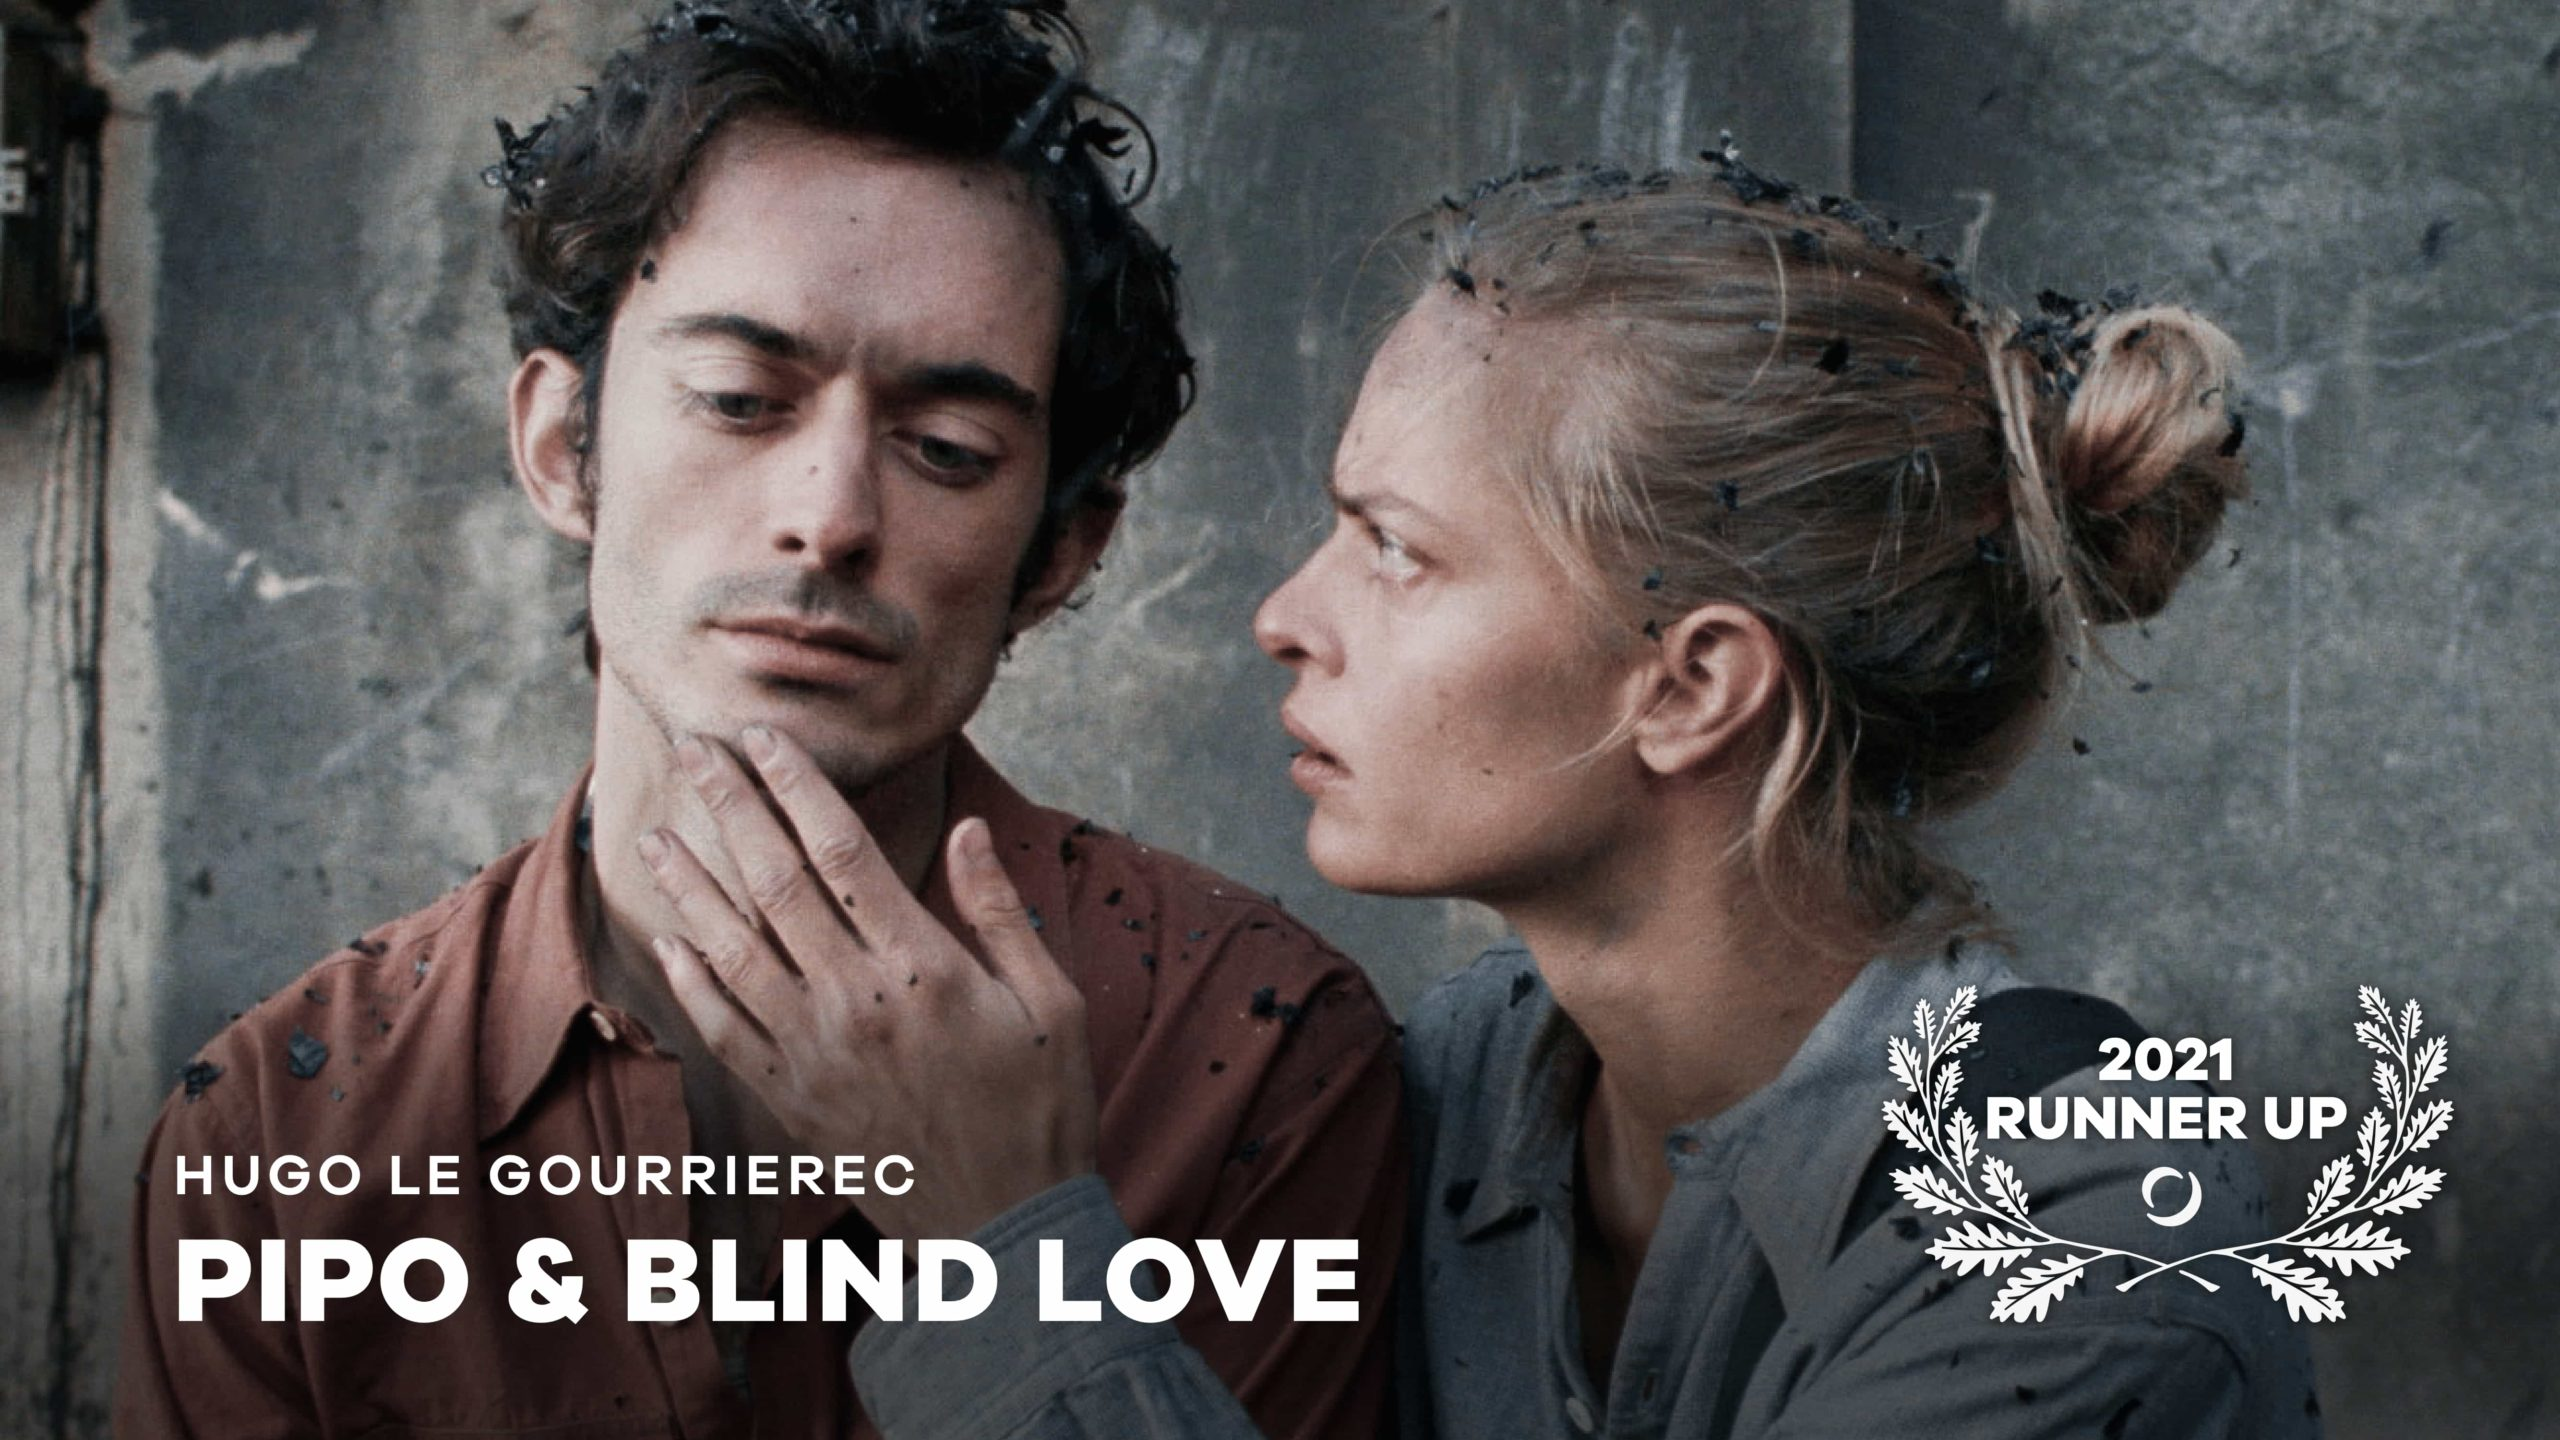 OFFA 2021 Best International Short Film Runner Up